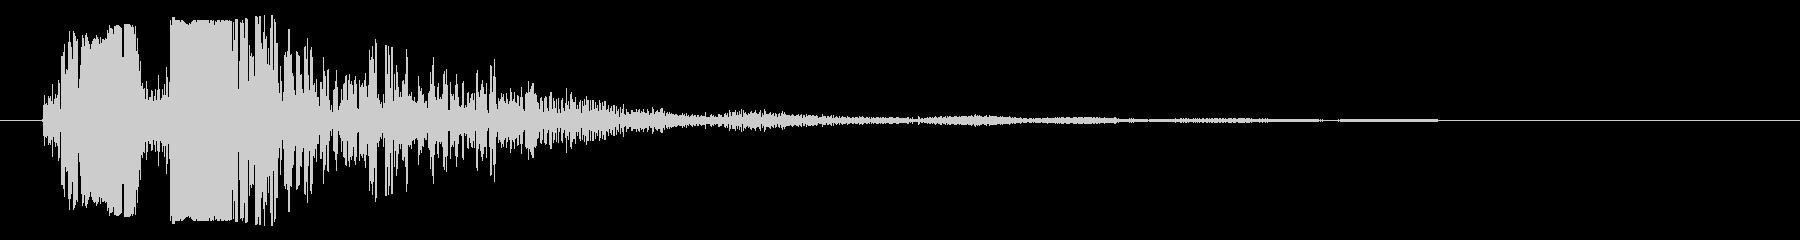 バシャッ(重ためのシャッター音)の未再生の波形